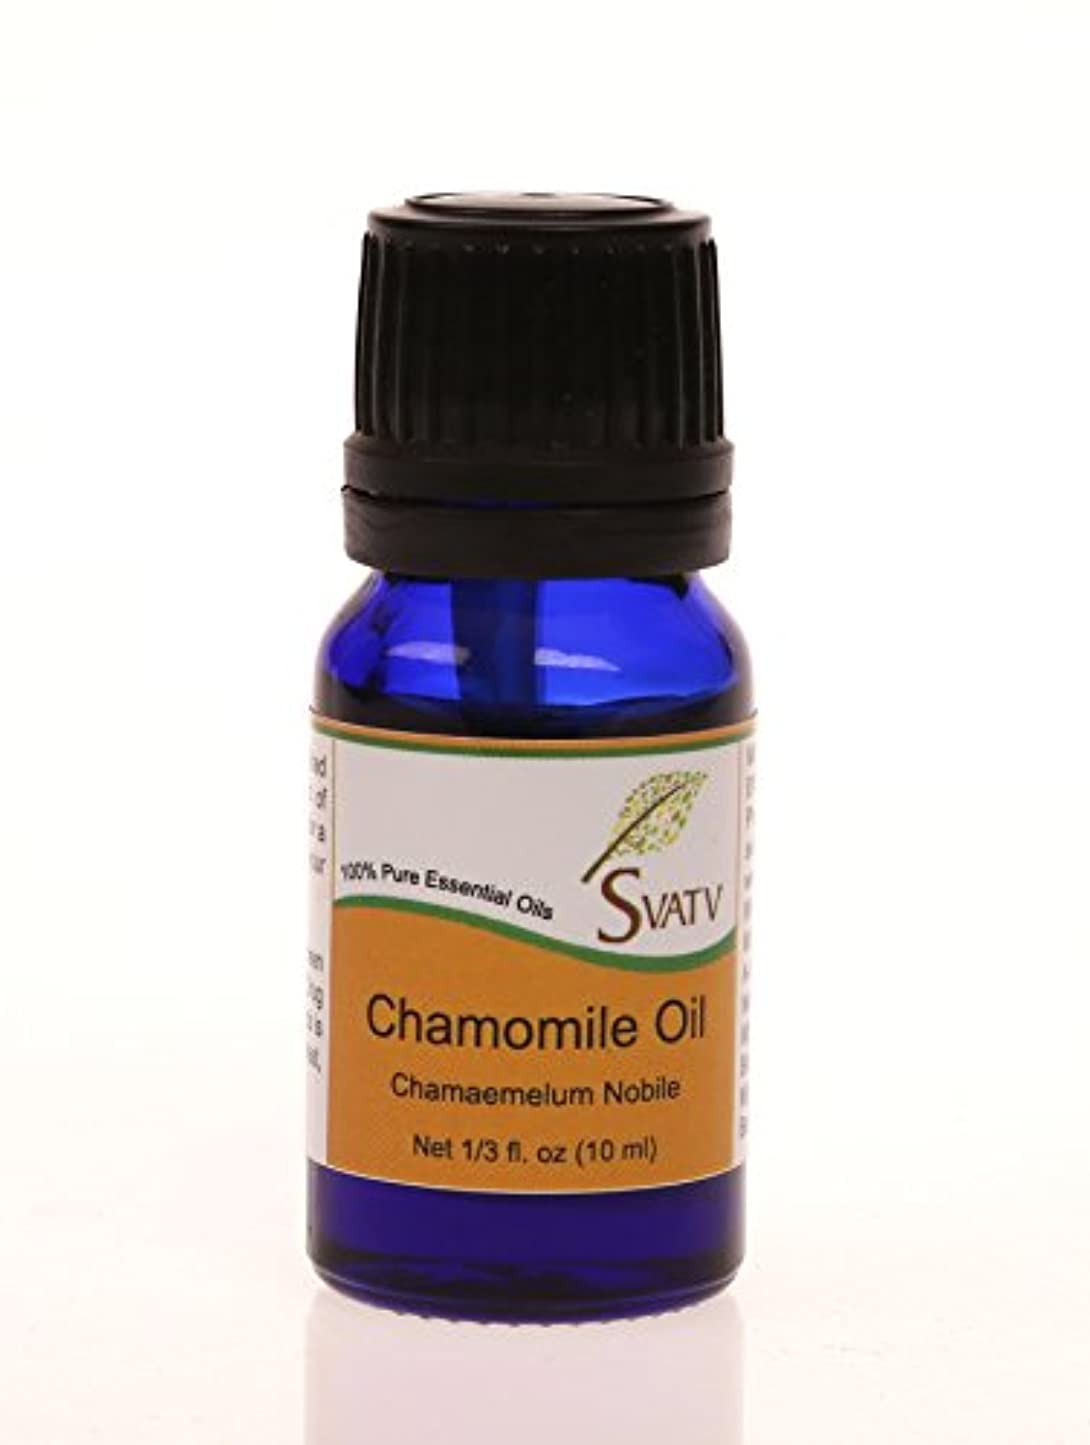 器官習慣メッセンジャーSVATVカモミール(Chamaemelum nobile)エッセンシャルオイル10mL(1/3オンス)100%純粋で無希釈、治療グレード